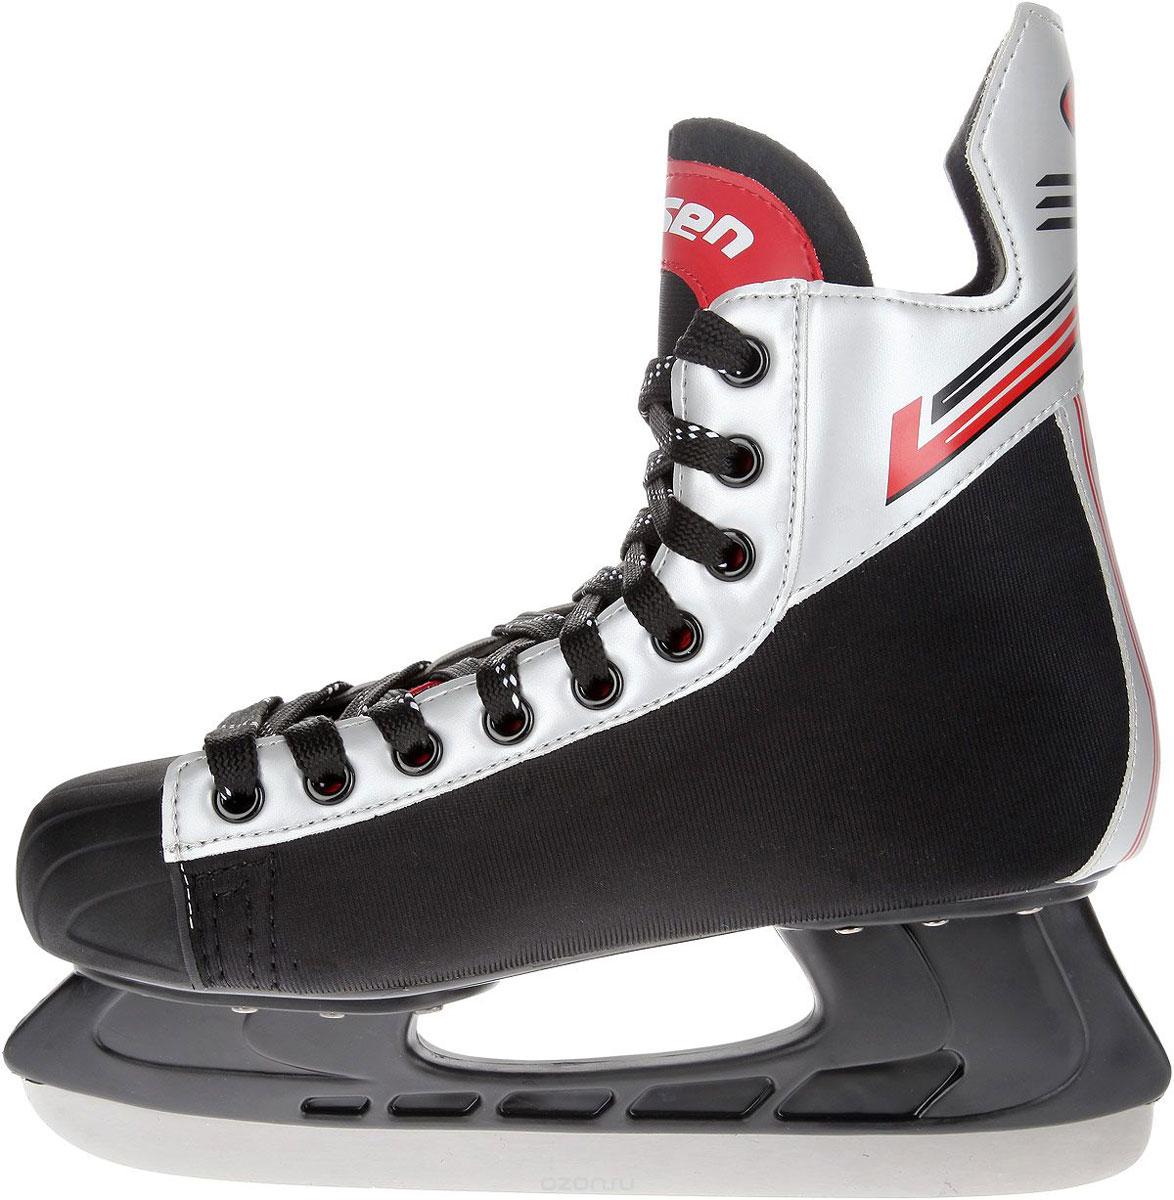 Коньки хоккейные мужские Larsen Alex, цвет: черный, серебристый, красный. Размер 39PW-217Стильные коньки Alex от Larsen прекрасно подойдут для начинающих игроков в хоккей. Ботиноквыполнен из нейлона и морозоустойчивого поливинилхлорида. Мыс дополнен вставкой изполиуретана, которая защитит ноги от ударов. Внутренний слой изготовлен из мягкого текстиля,который обеспечит тепло и комфорт во время катания, язычок - из войлока. Плотная шнуровканадежно фиксирует модель на ноге. Голеностоп имеет удобный суппорт. Стелька из EVA стекстильной поверхностью обеспечит комфортное катание. Стойка выполнена изударопрочного полипропилена. Лезвие из нержавеющей стали обеспечит превосходноескольжение. В комплект входят пластиковые чехлы для лезвий.